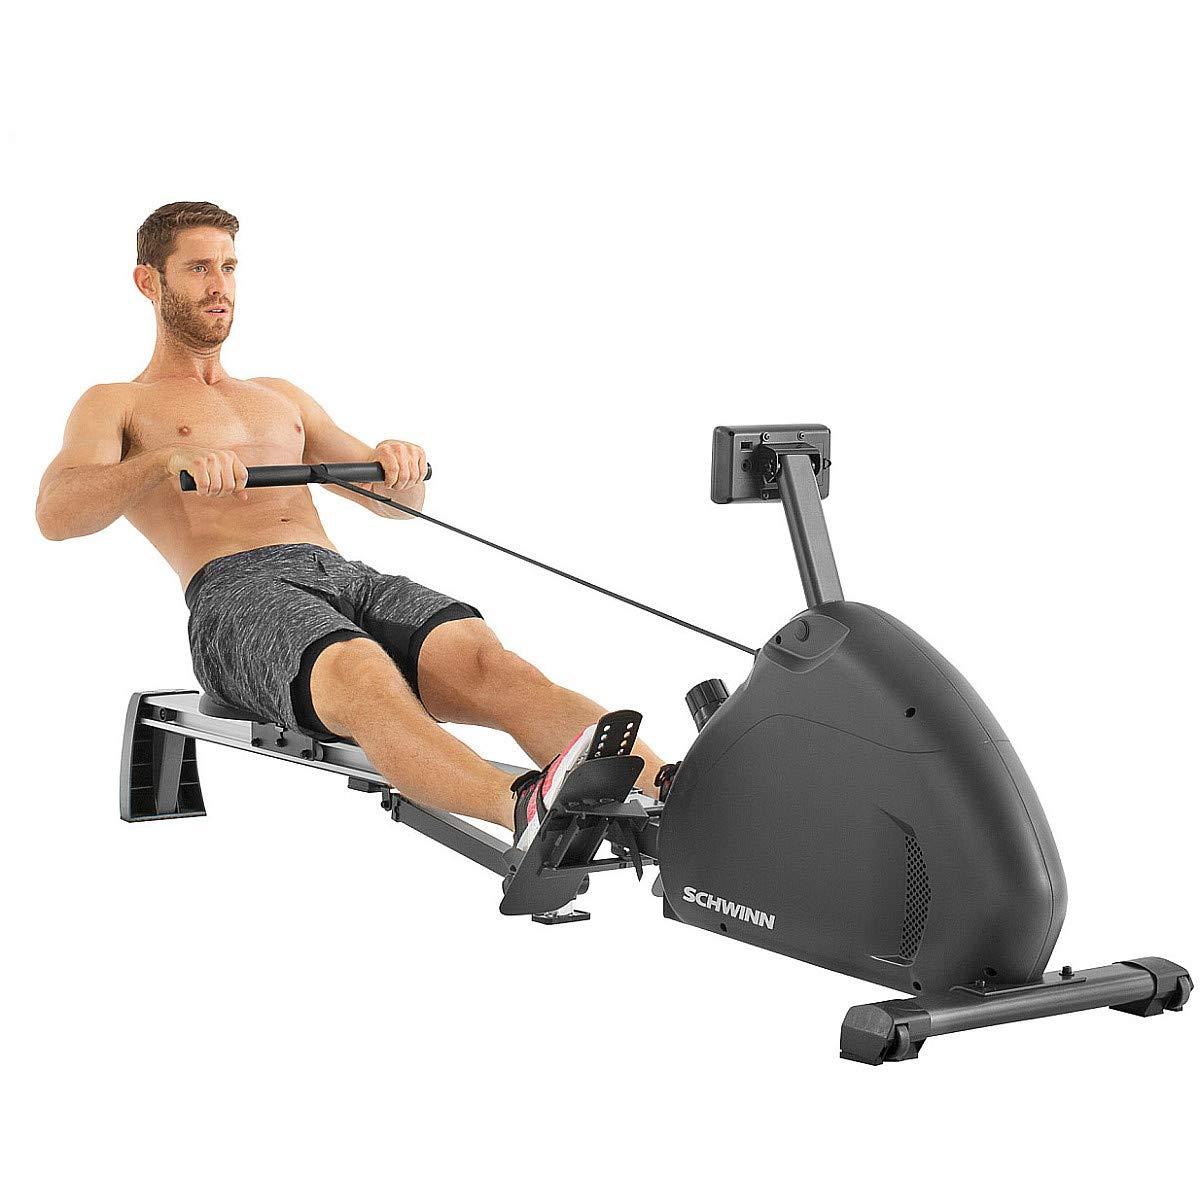 Schwinn Crewmaster Rowing Machine by Schwinn